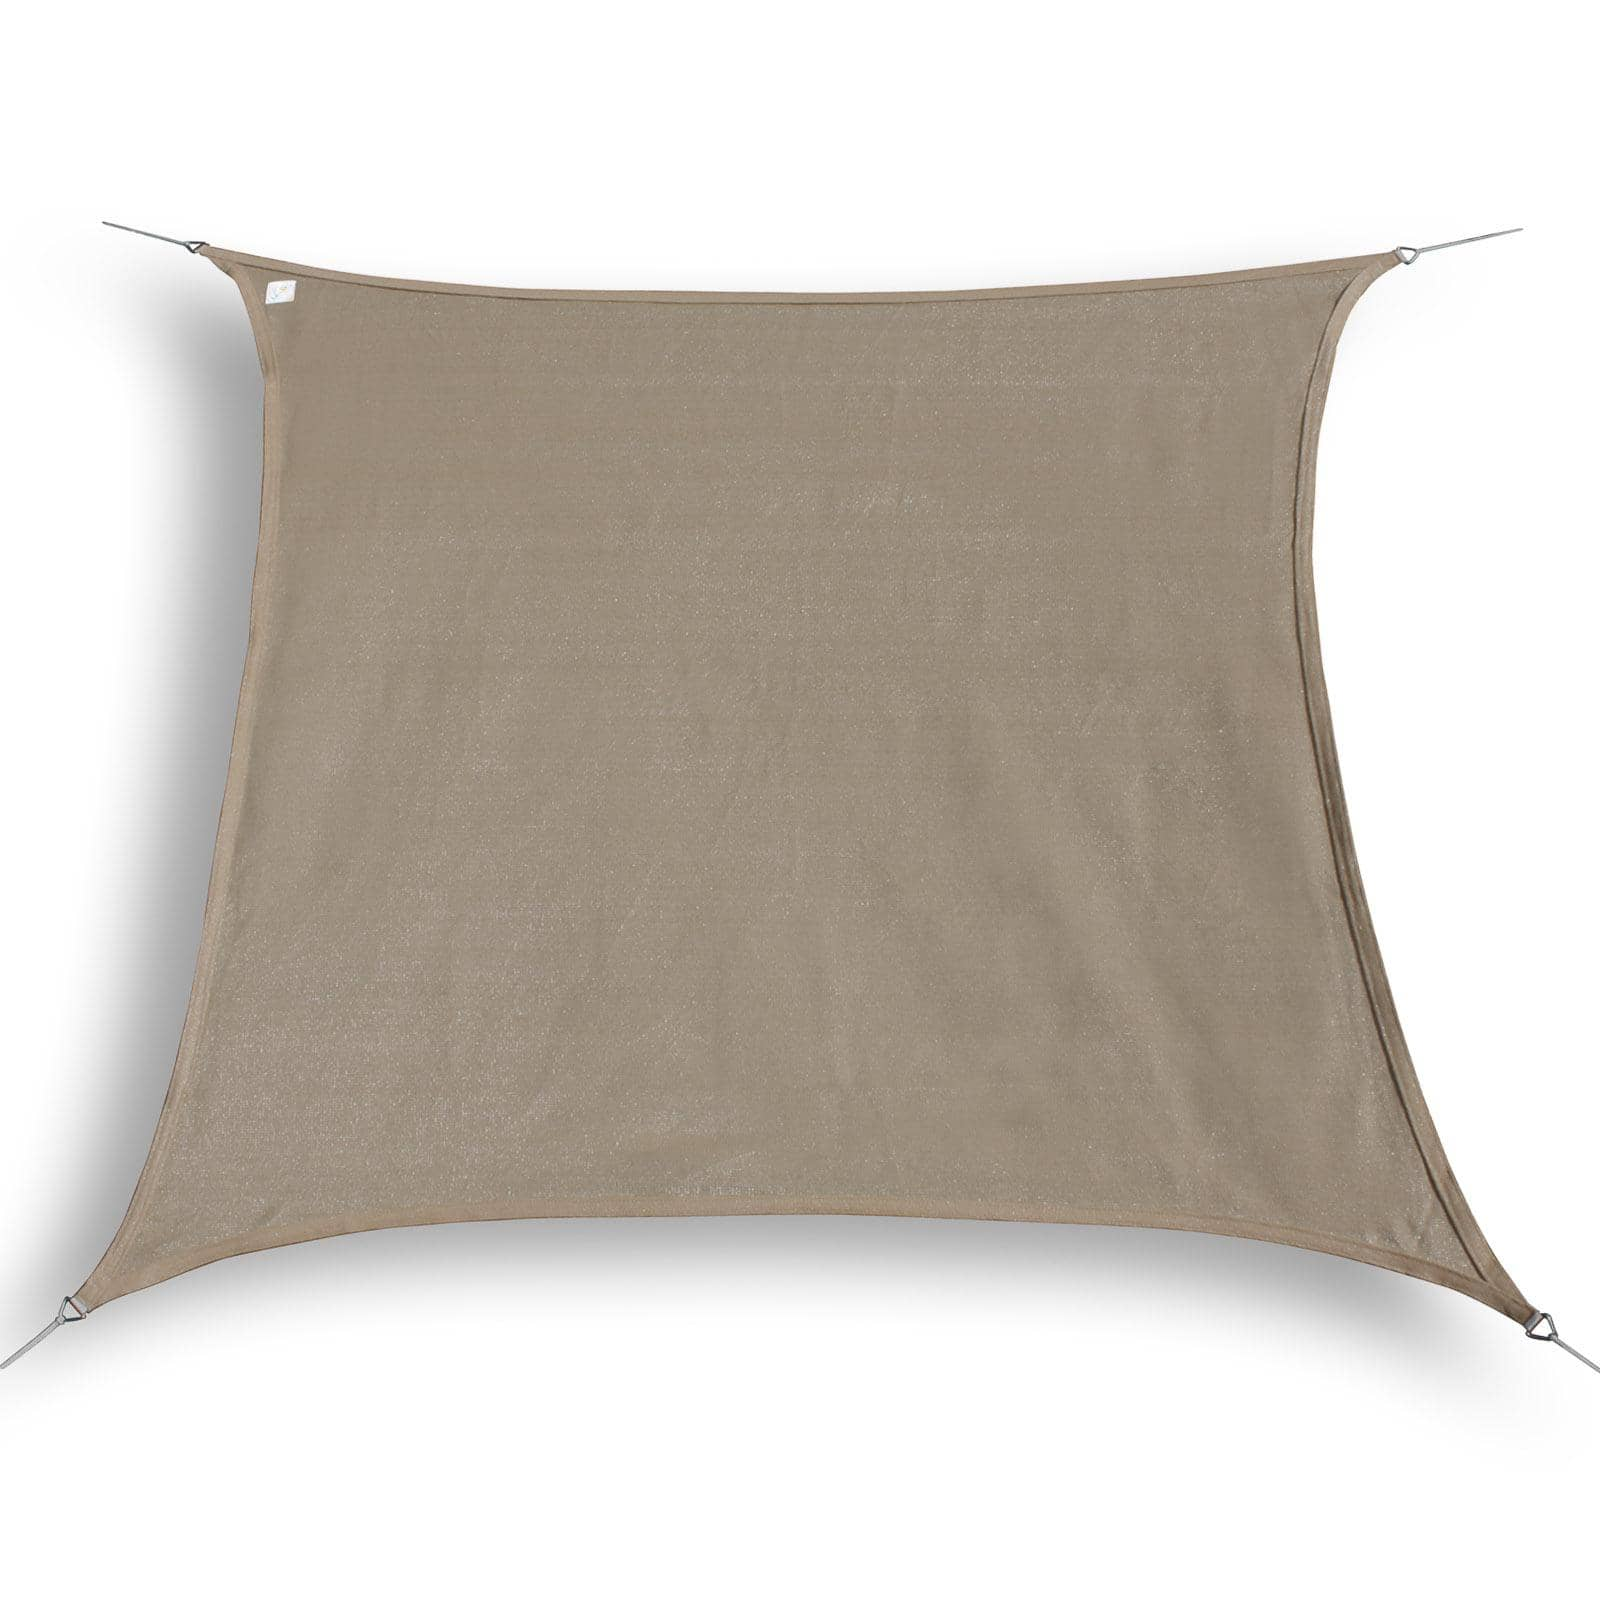 hanSe® Schaduwdoek Vierkant Waterdoorlatend 6x6 m - zonnedoek - Taupe